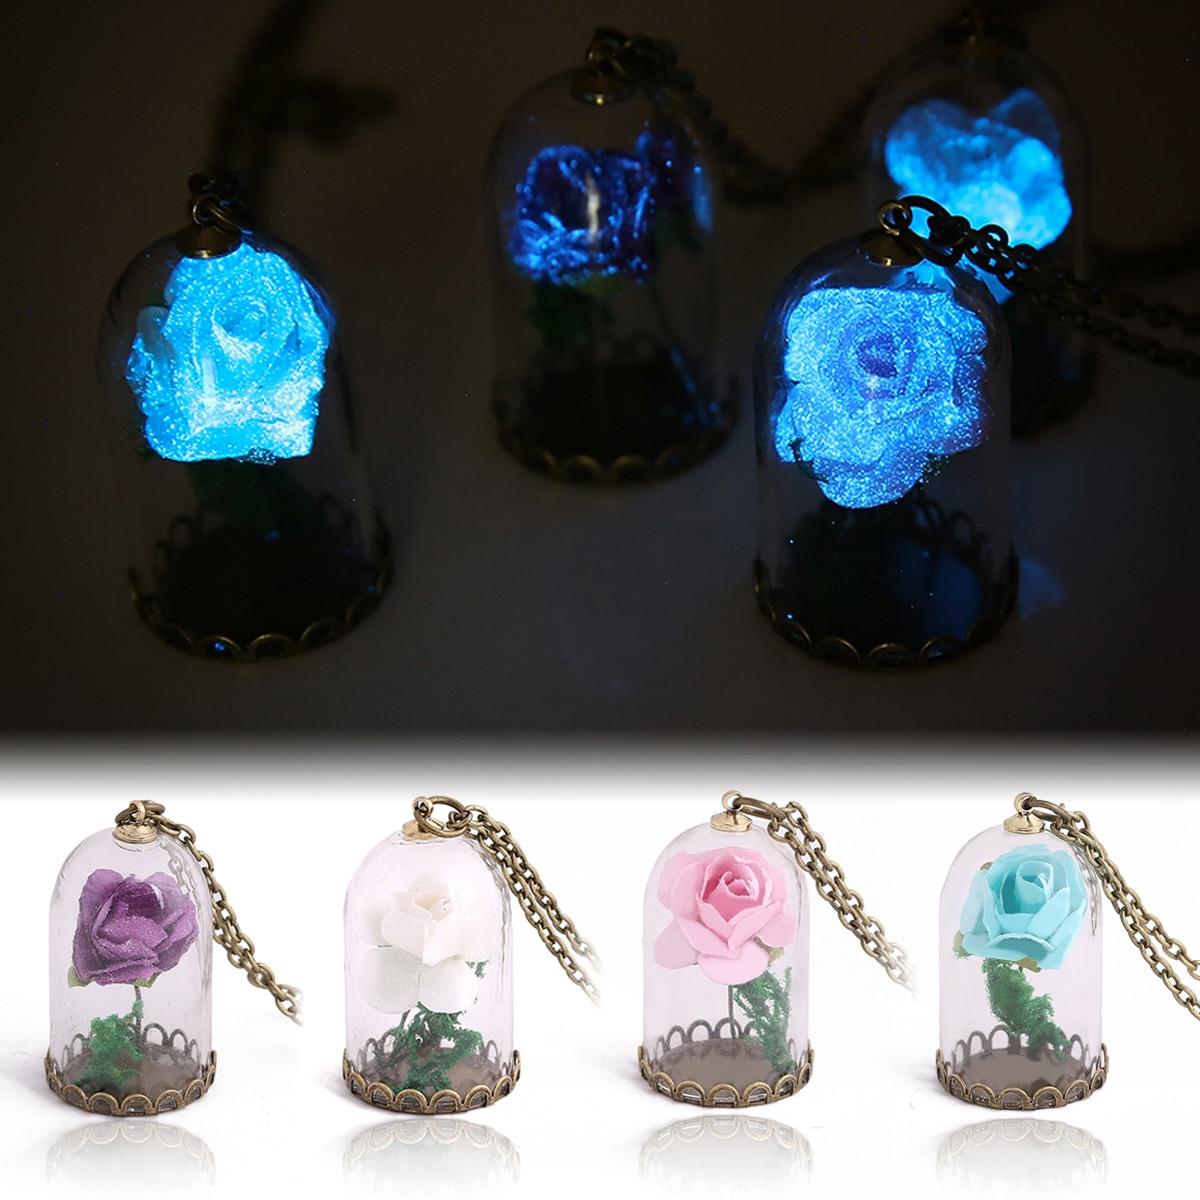 अंधेरे गहने में विंटेज चमक चमकदार फूल लटकन हार ग्लास बधाई बोतल चेन लंबी स्टेटमेंट हार आभूषण